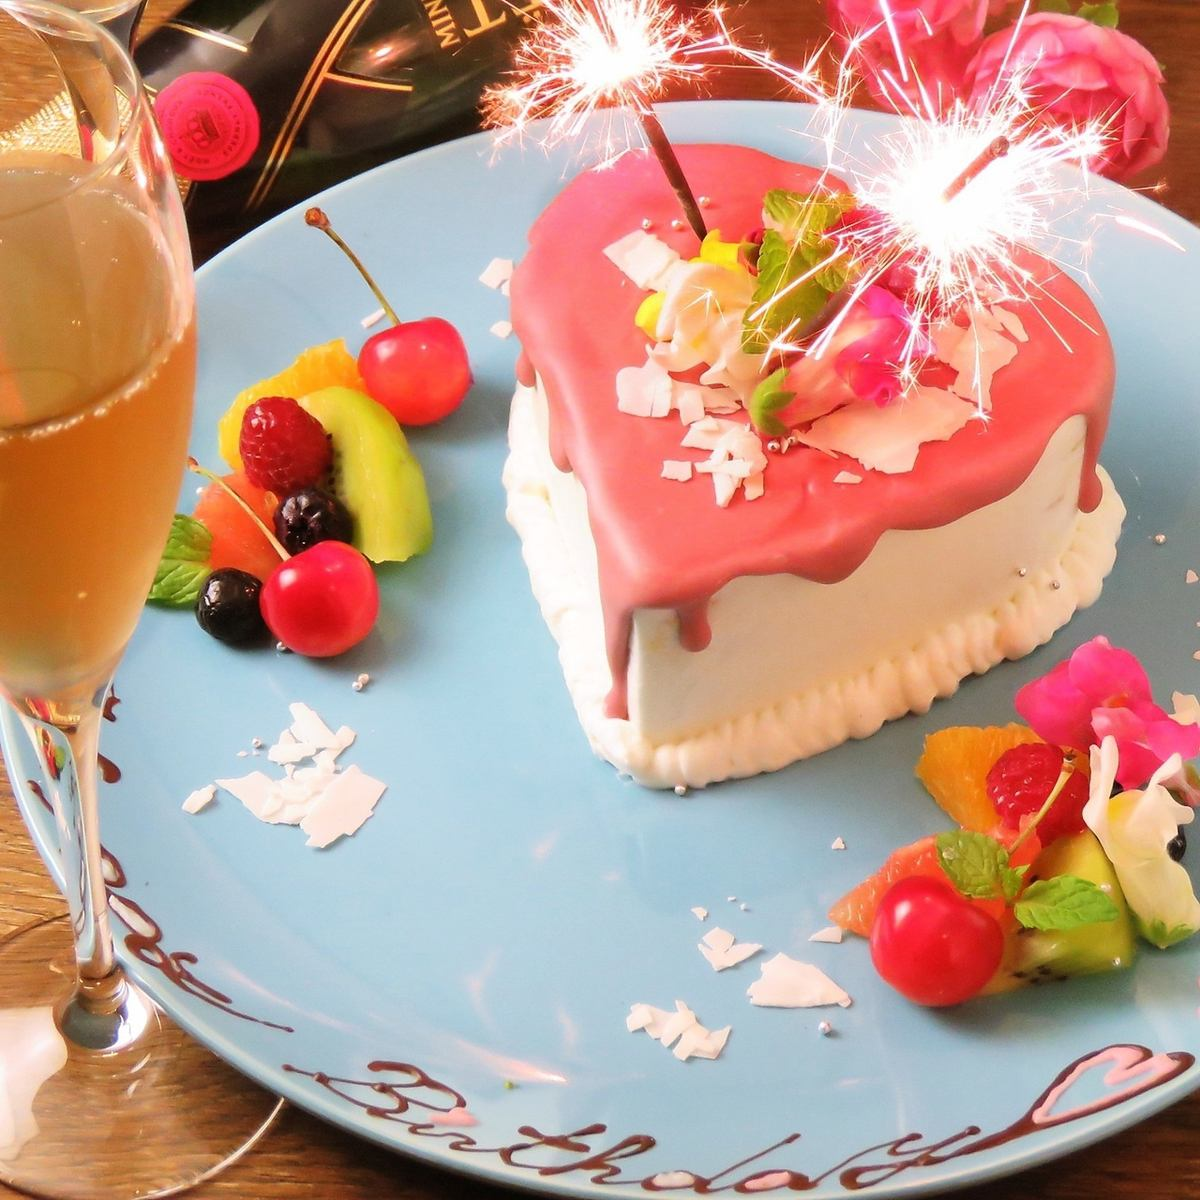 大切な誕生日に…。メッセージ入りホールケーキをプレゼント♪